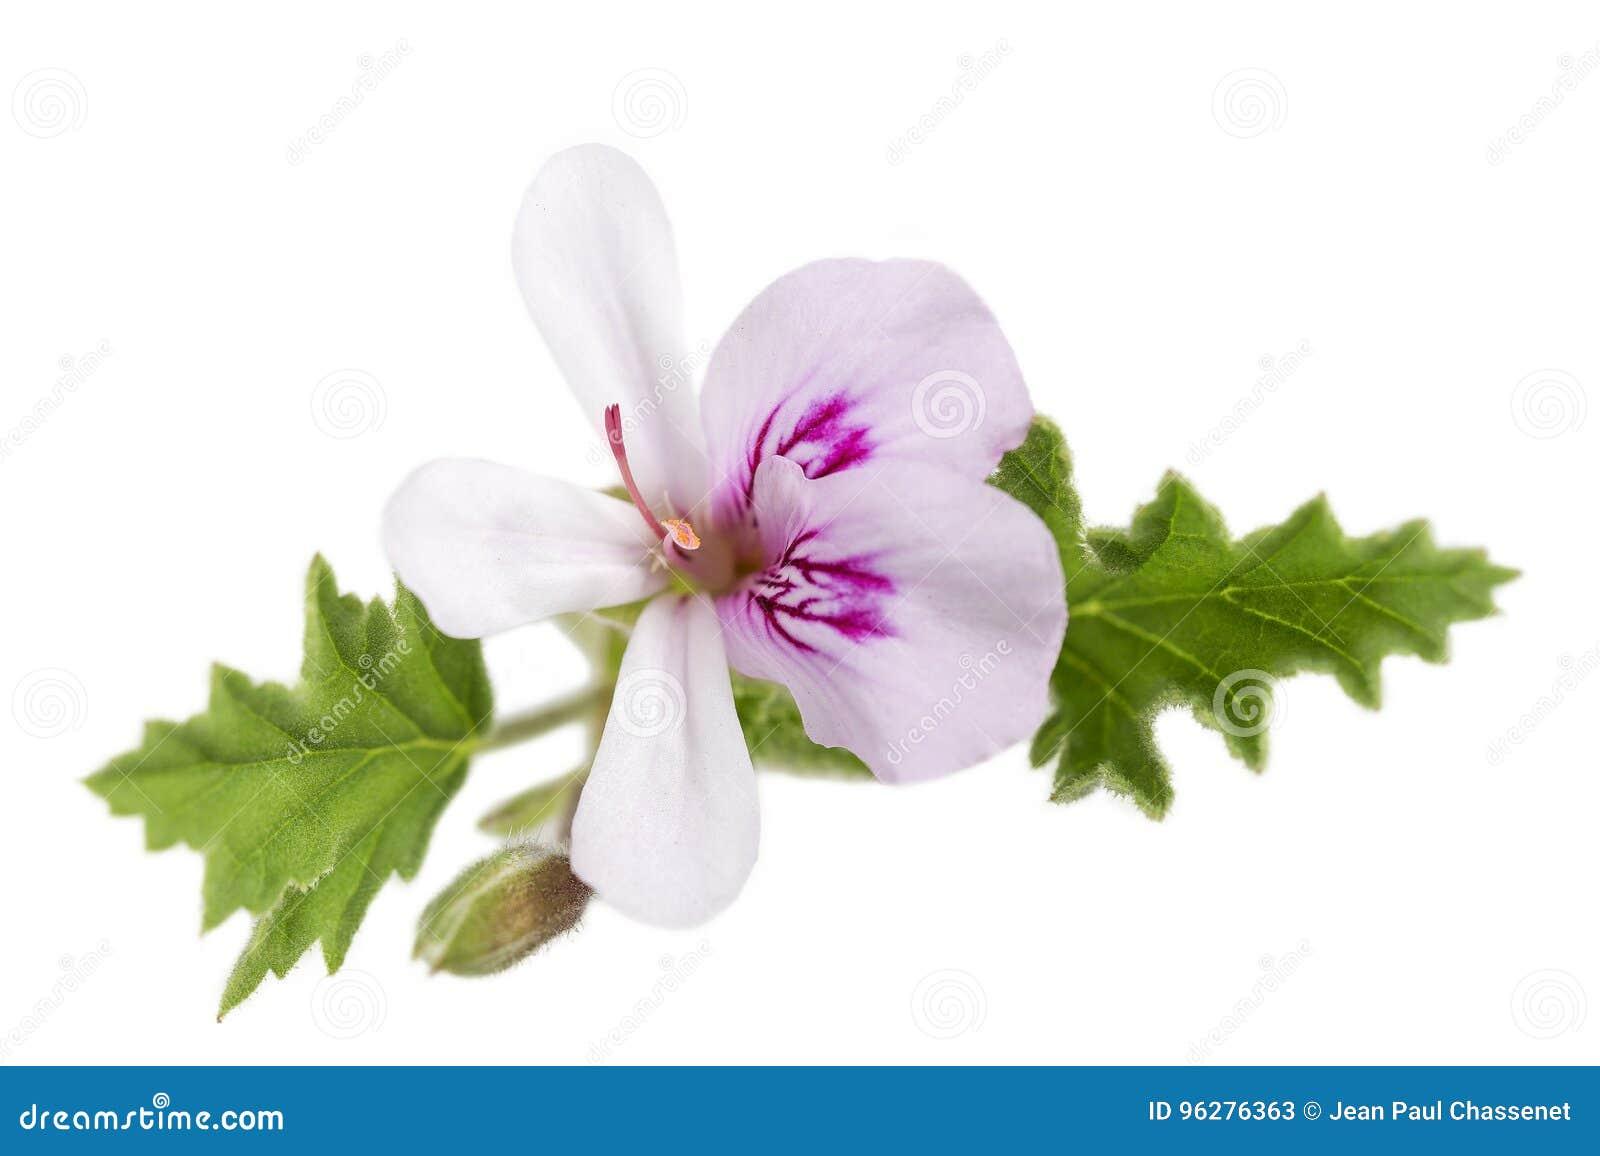 White Geranium Pelargonium graveolens on white